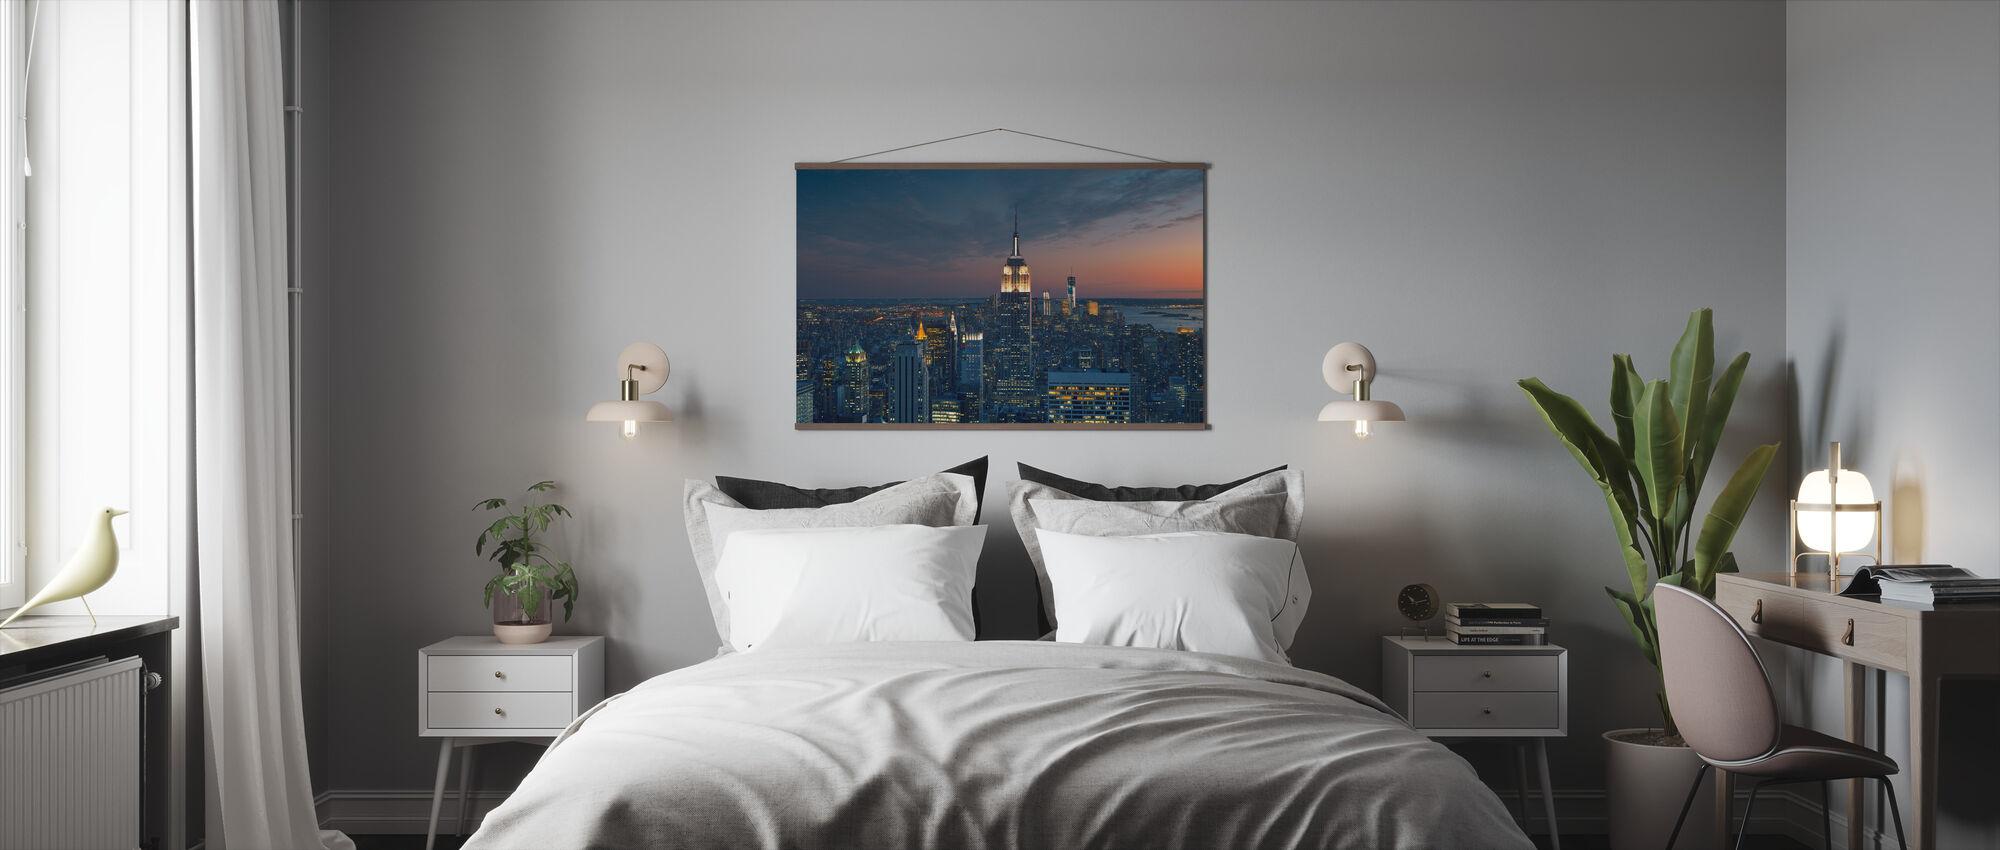 Flyfoto på Manhattan på Sunset - Plakat - Soverom